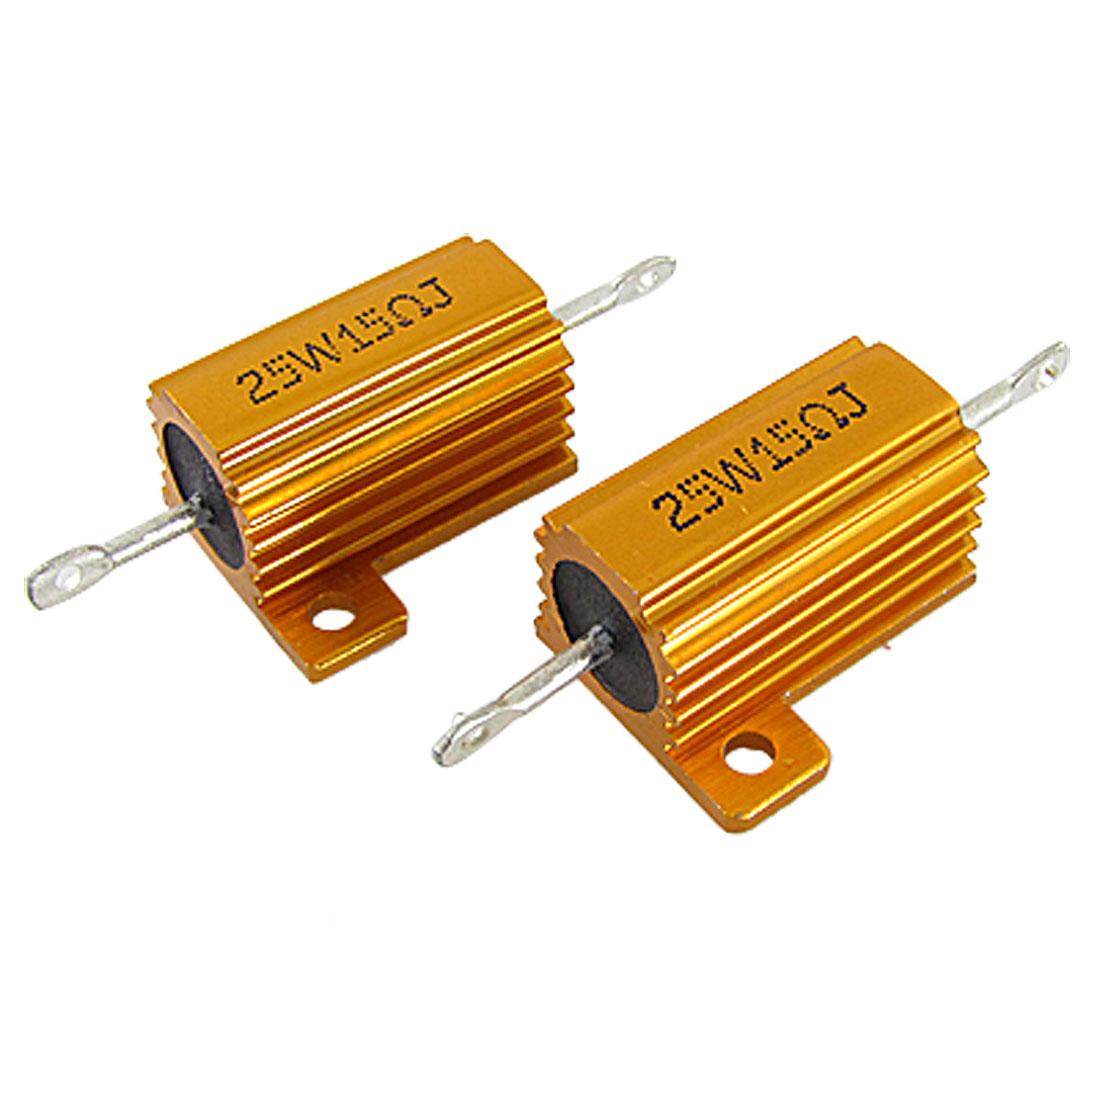 2 Pcs 25W 15 Ohm 5% Gold Tone Aluminum Case Wire Wound Resistors